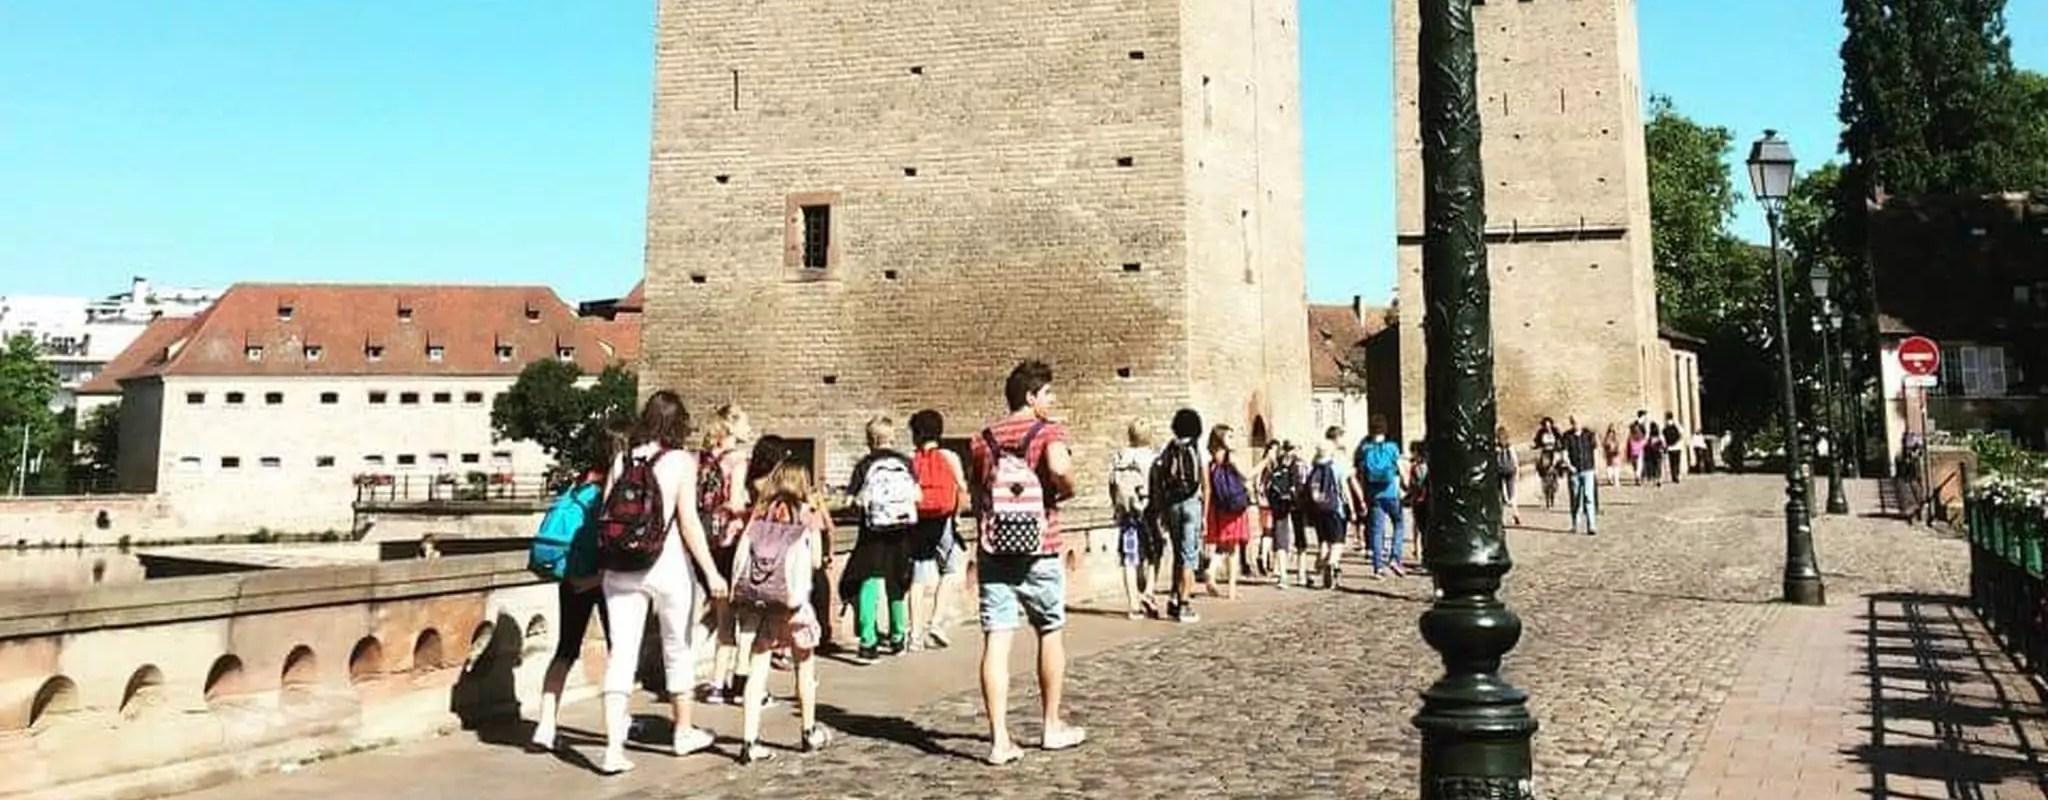 Les touristes sont ils toujours les bienvenus à Strasbourg?